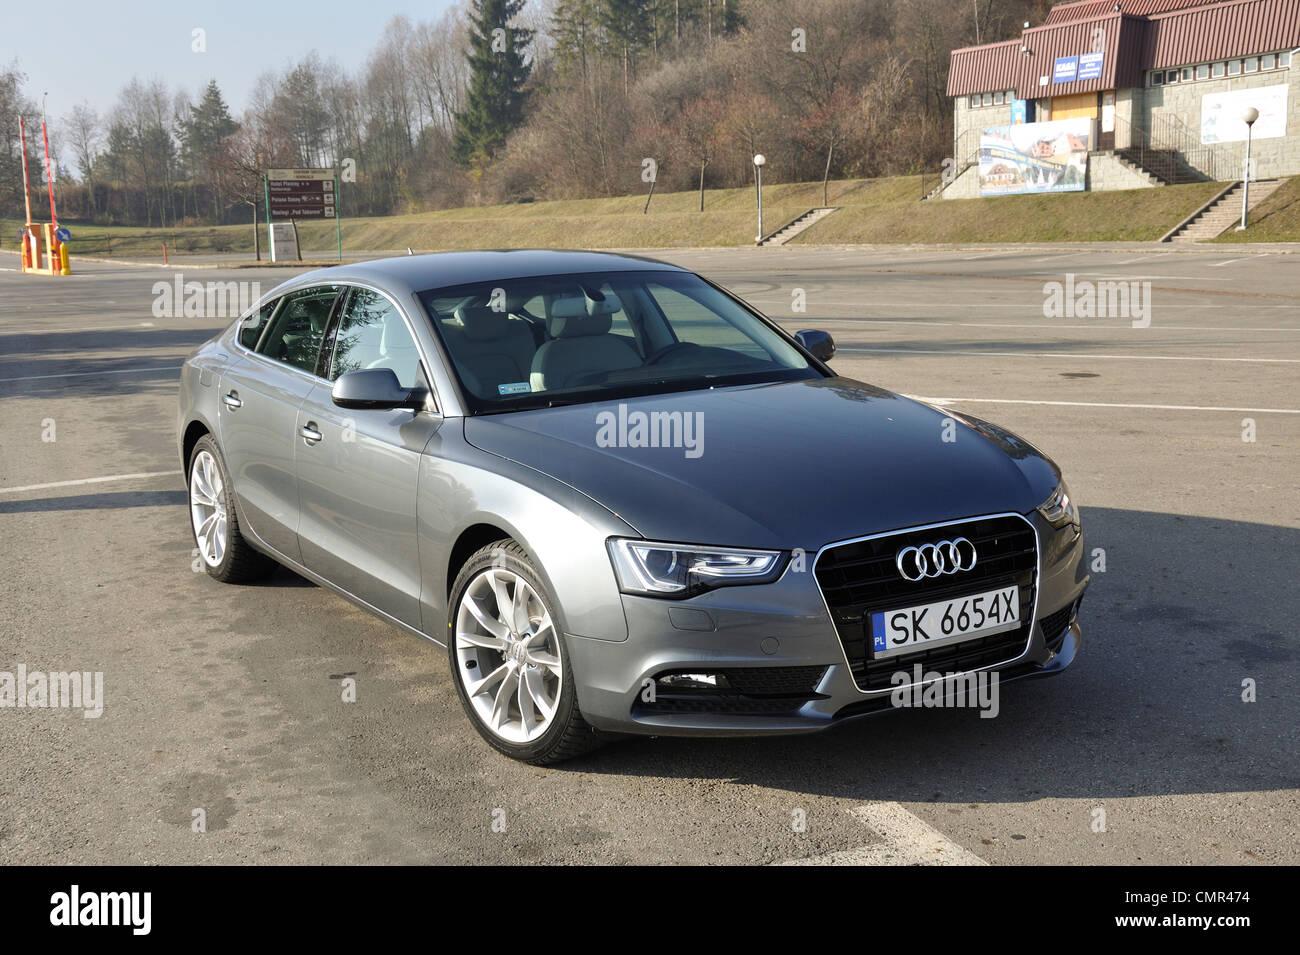 Kelebihan Audi A5 2007 Spesifikasi